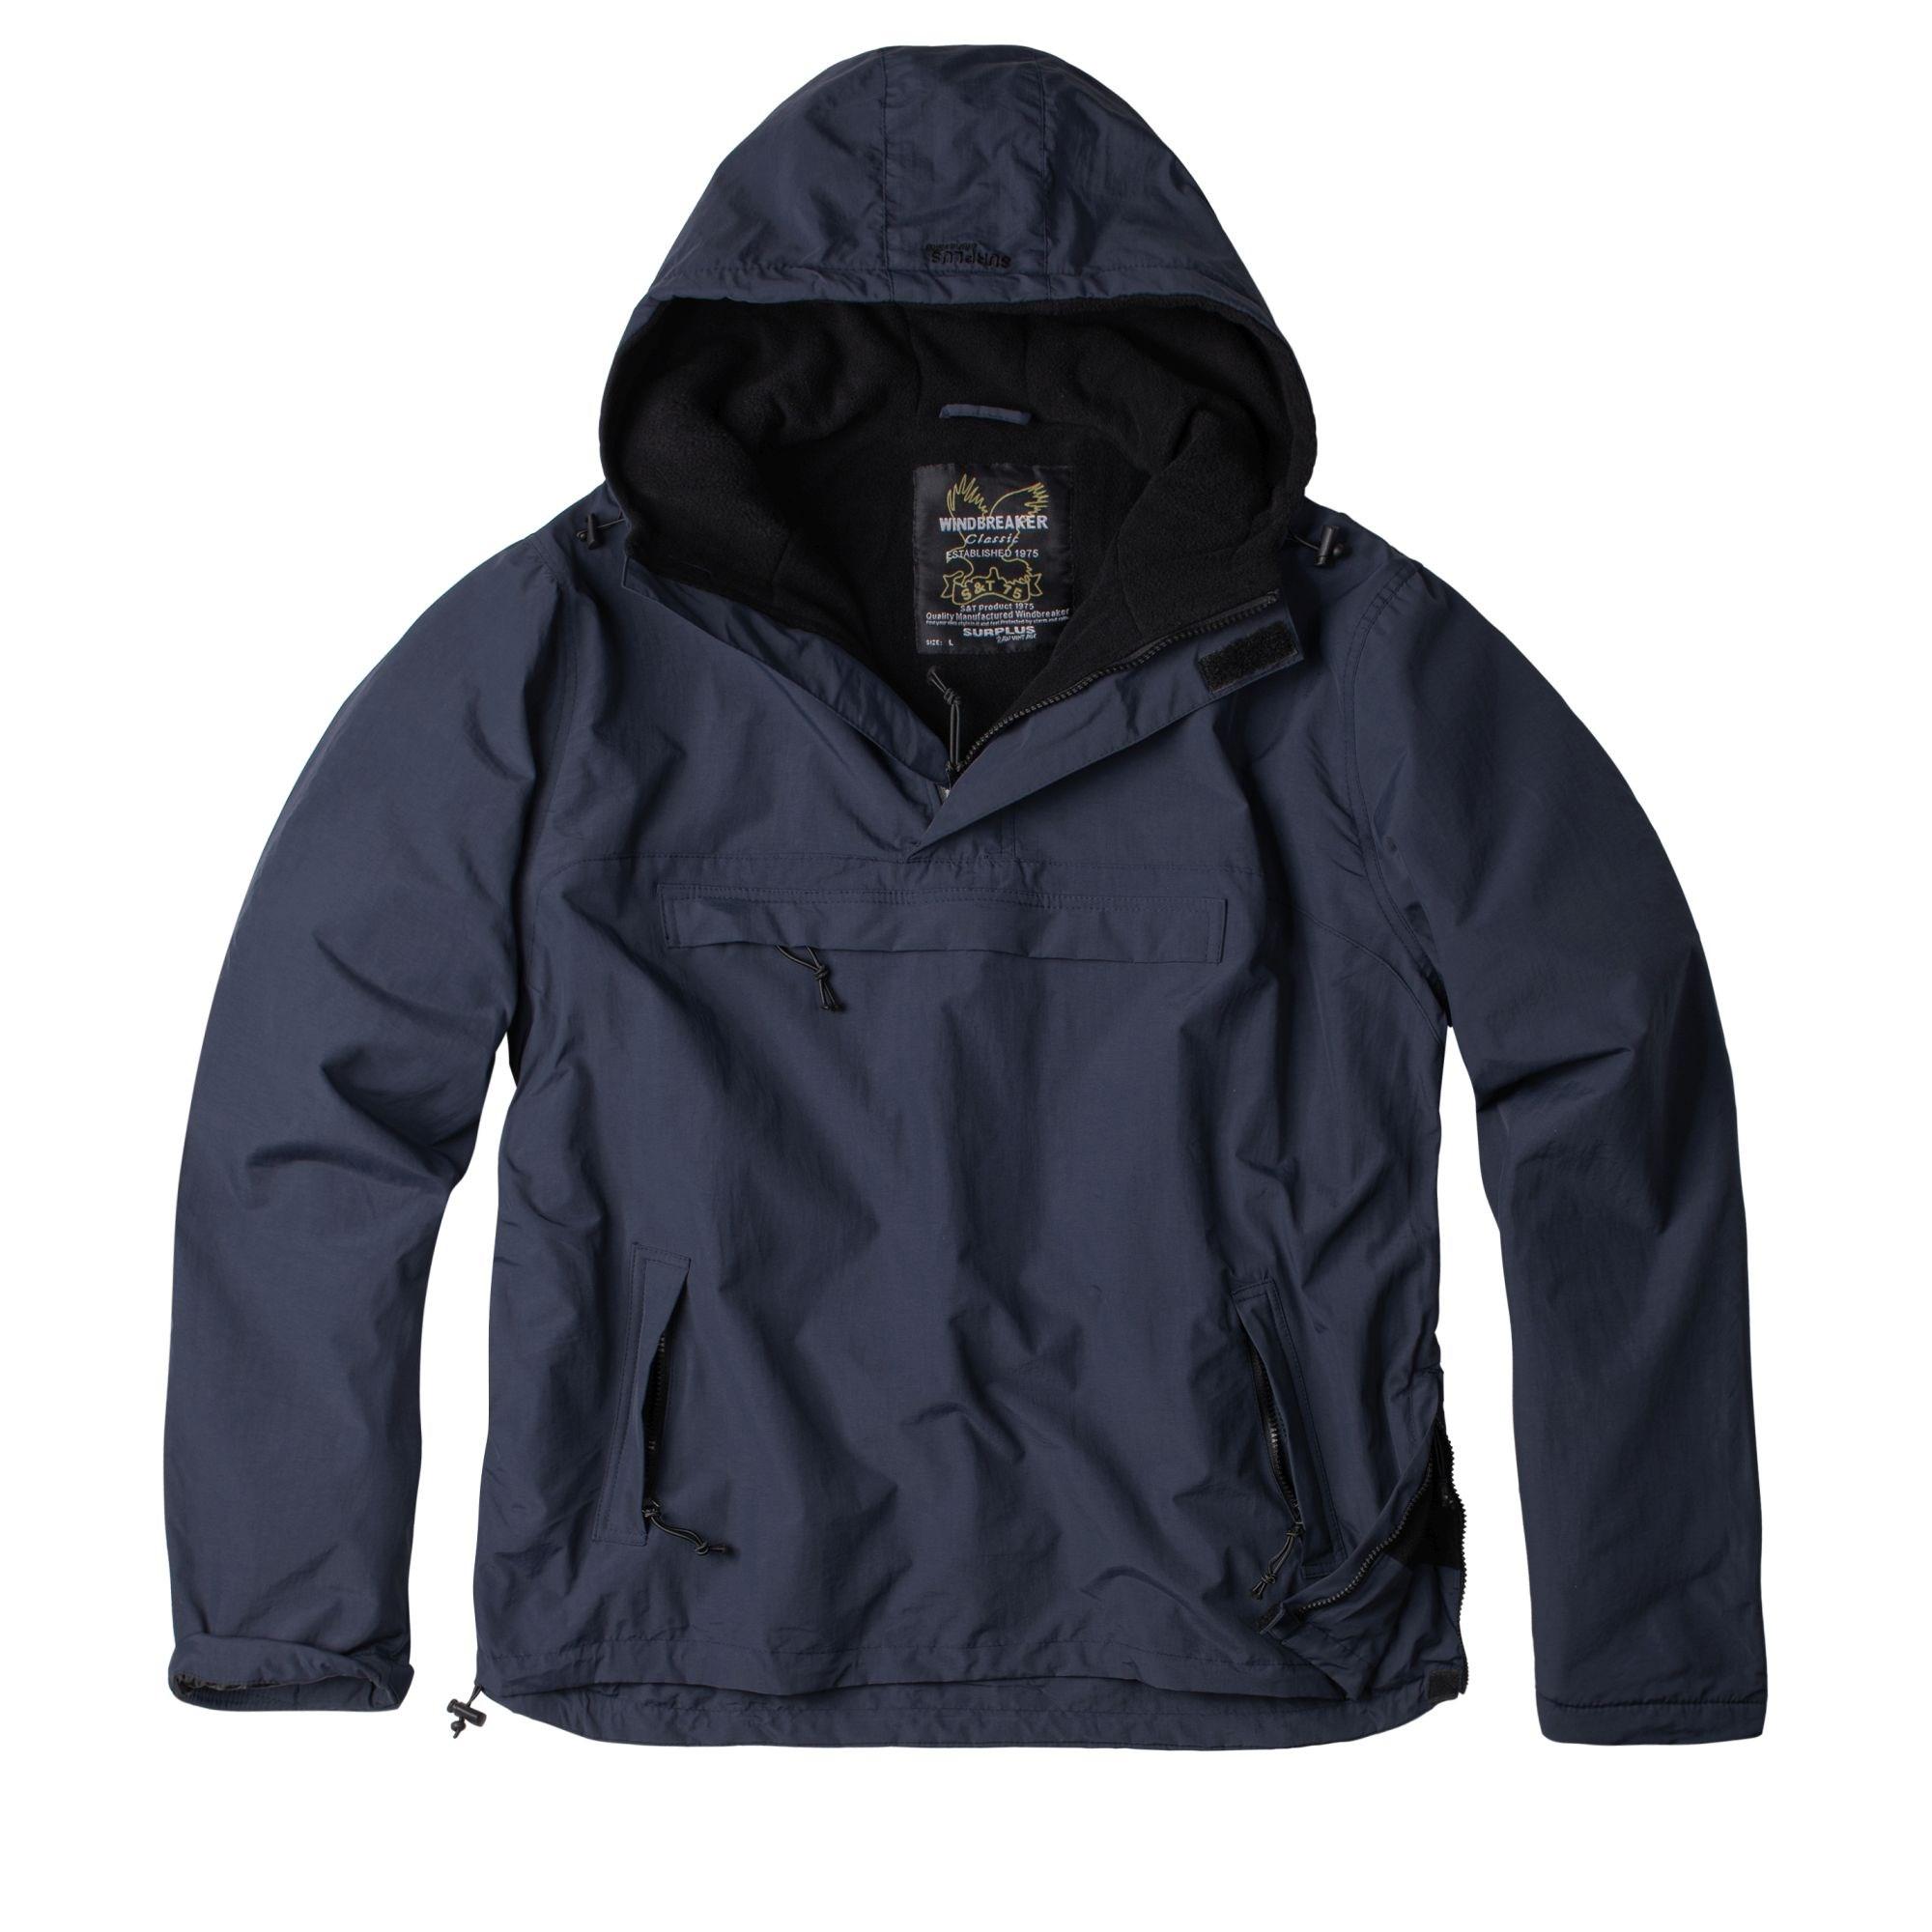 WINDBREAKER Jacket  BLUE NAVY SURPLUS 20-7001-10 L-11